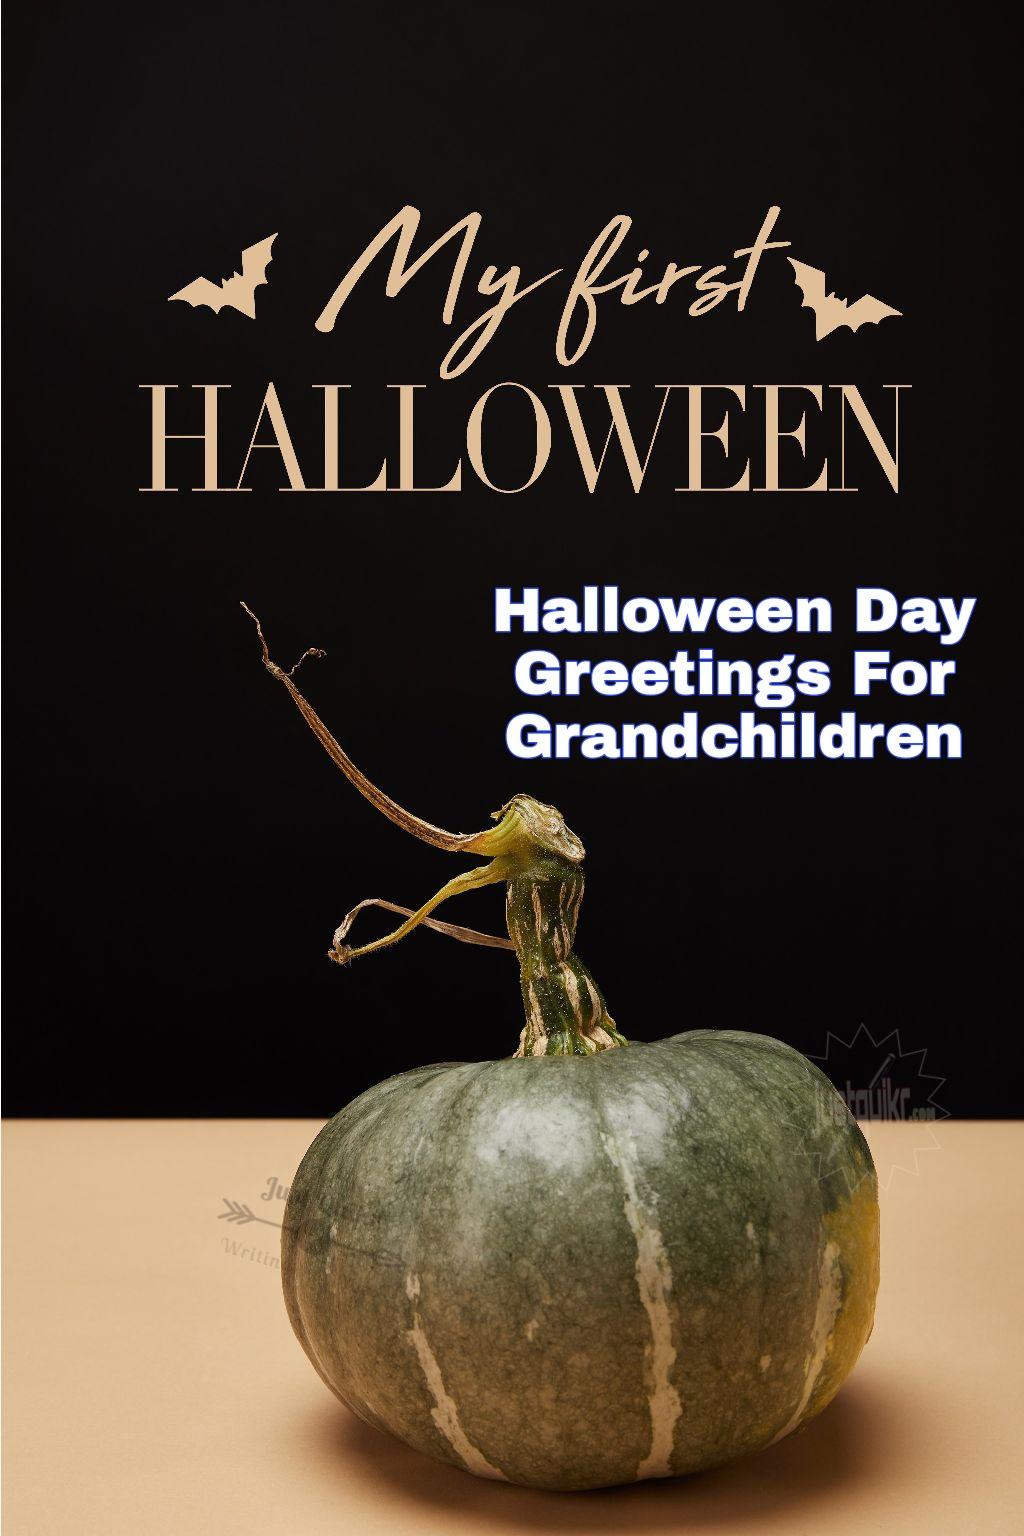 Halloween Day Greetings For Grandchildren